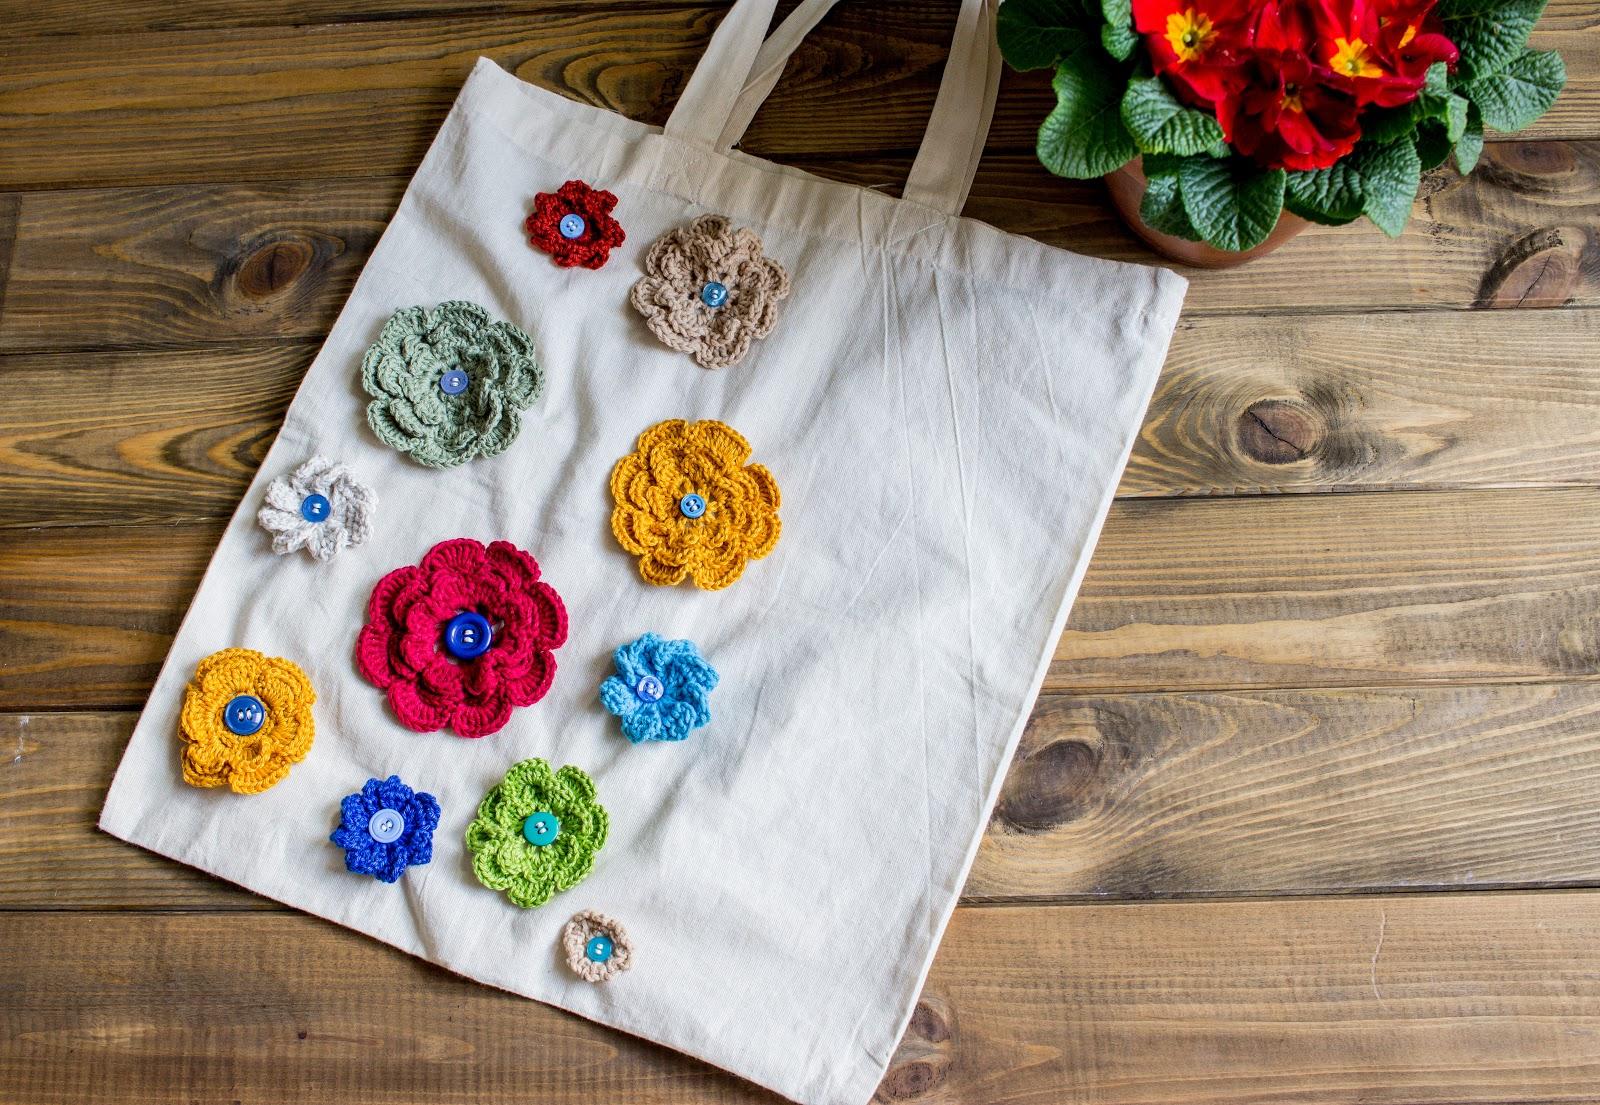 Anleitung für eine Stofftasche mit applizierten Häkelblüten für den Frühling.